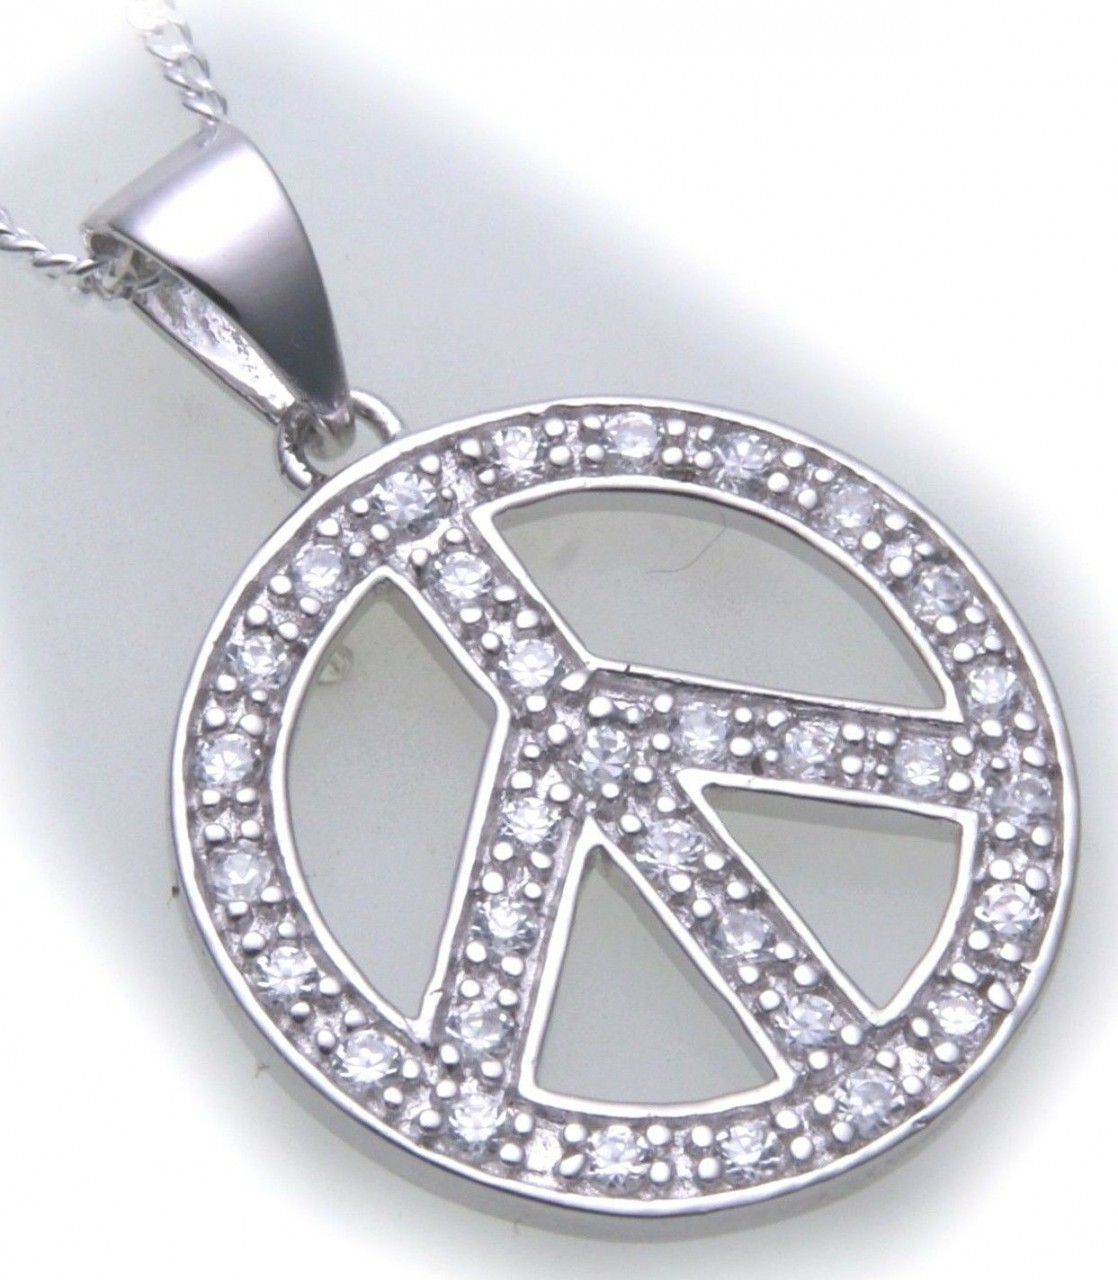 Anhänger Peace Zeichen mit Zirkonia echt Silber 925 Qualität Sterlingsilber Neu